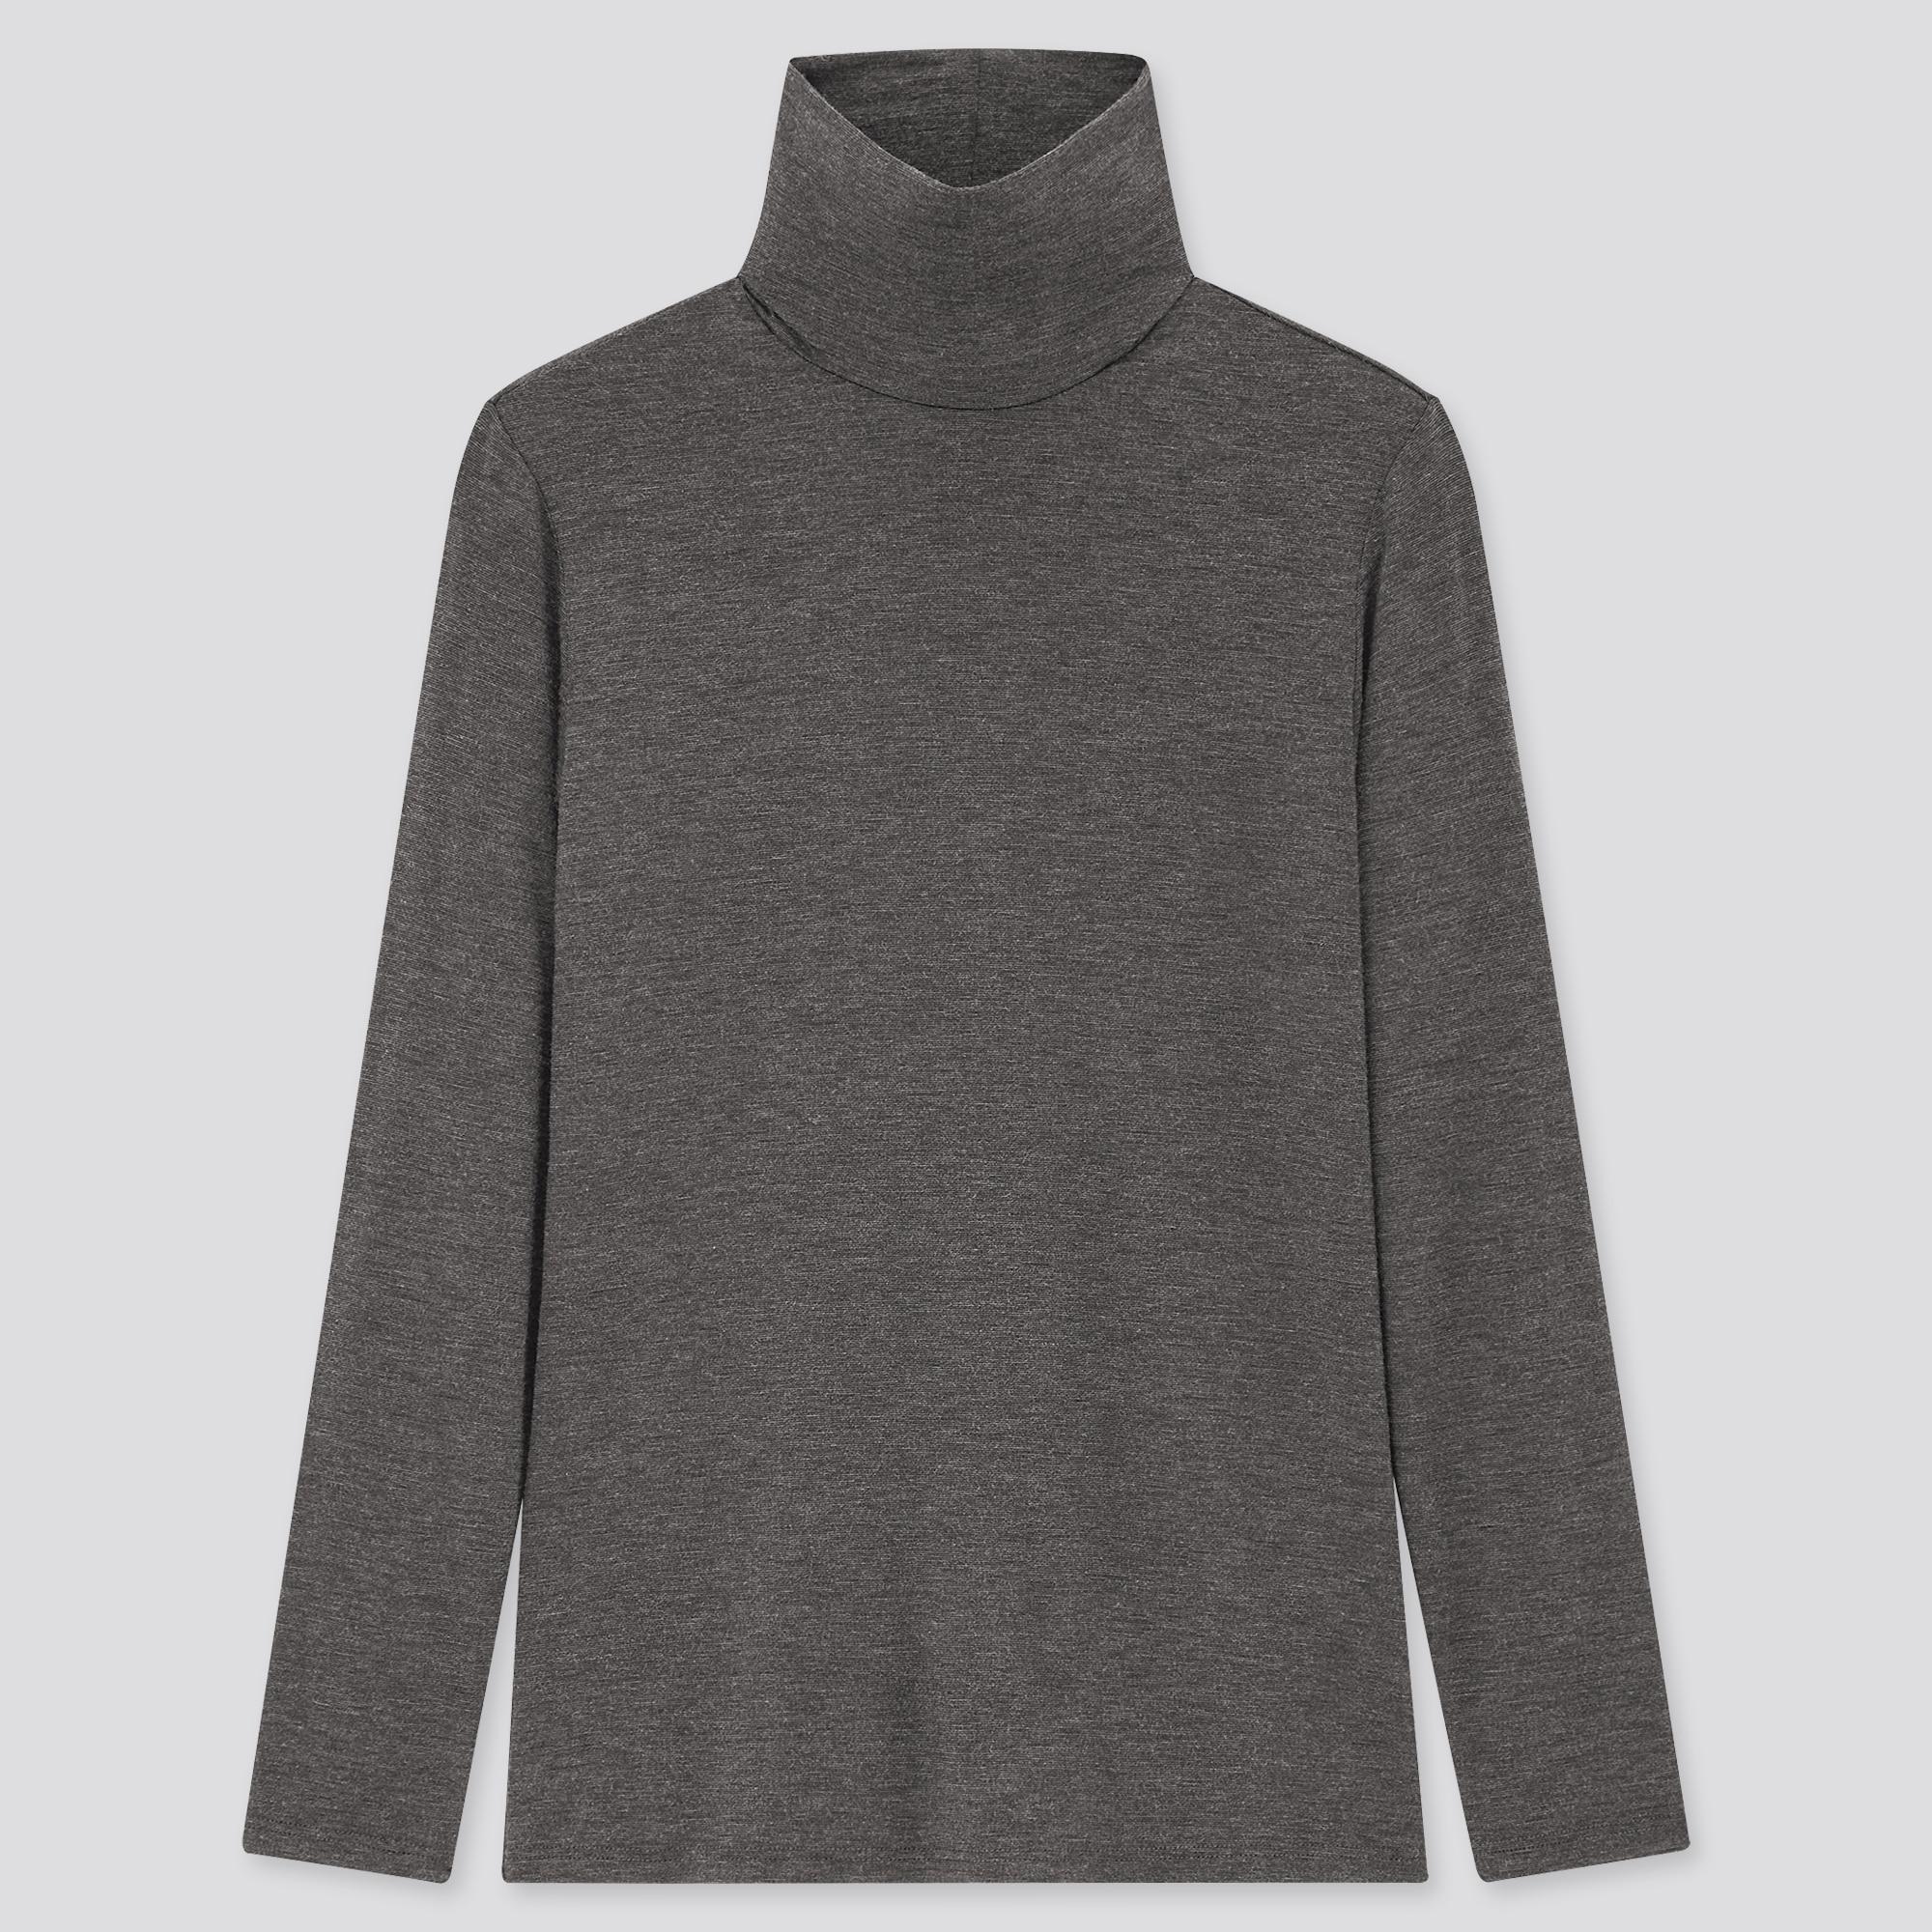 women HEATTECH turtleneck t-shirt